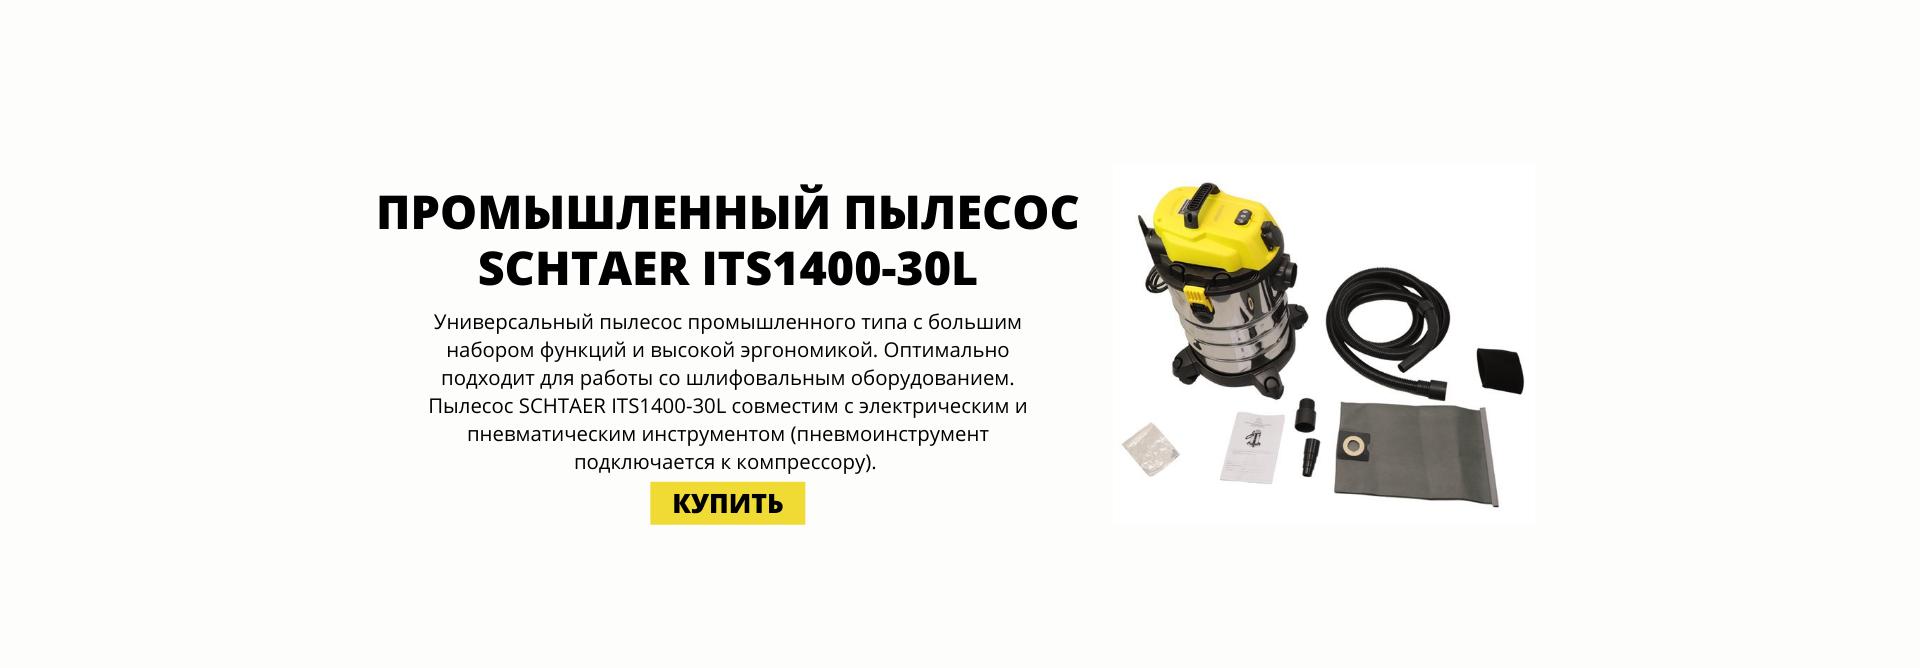 ПРОМЫШЛЕННЫЙ ПЫЛЕСОС SCHTAER ITS1400-30L